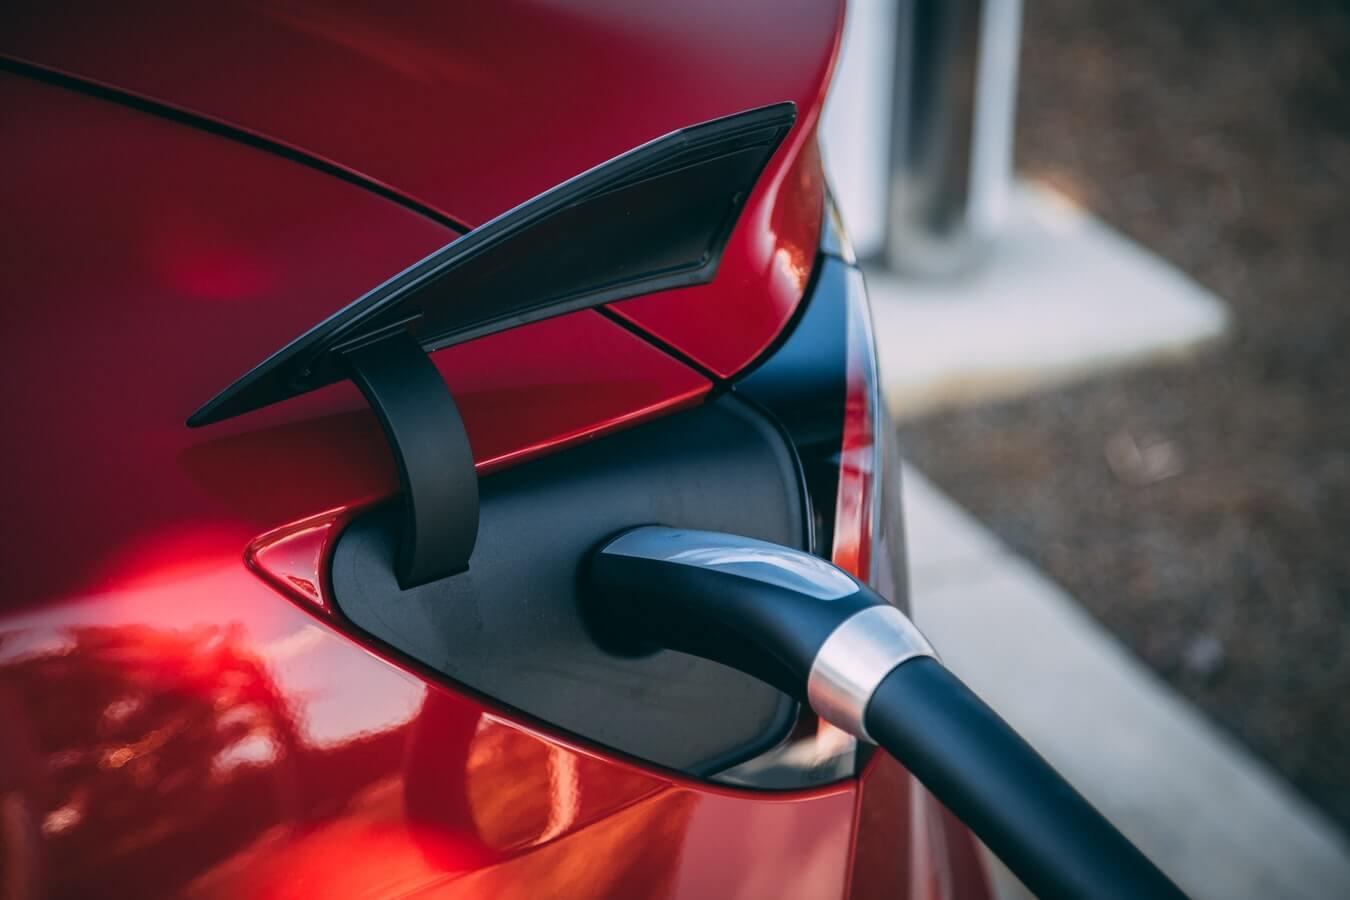 Wzrasta liczba publicznych ładowarek do samochodów elektrycznych